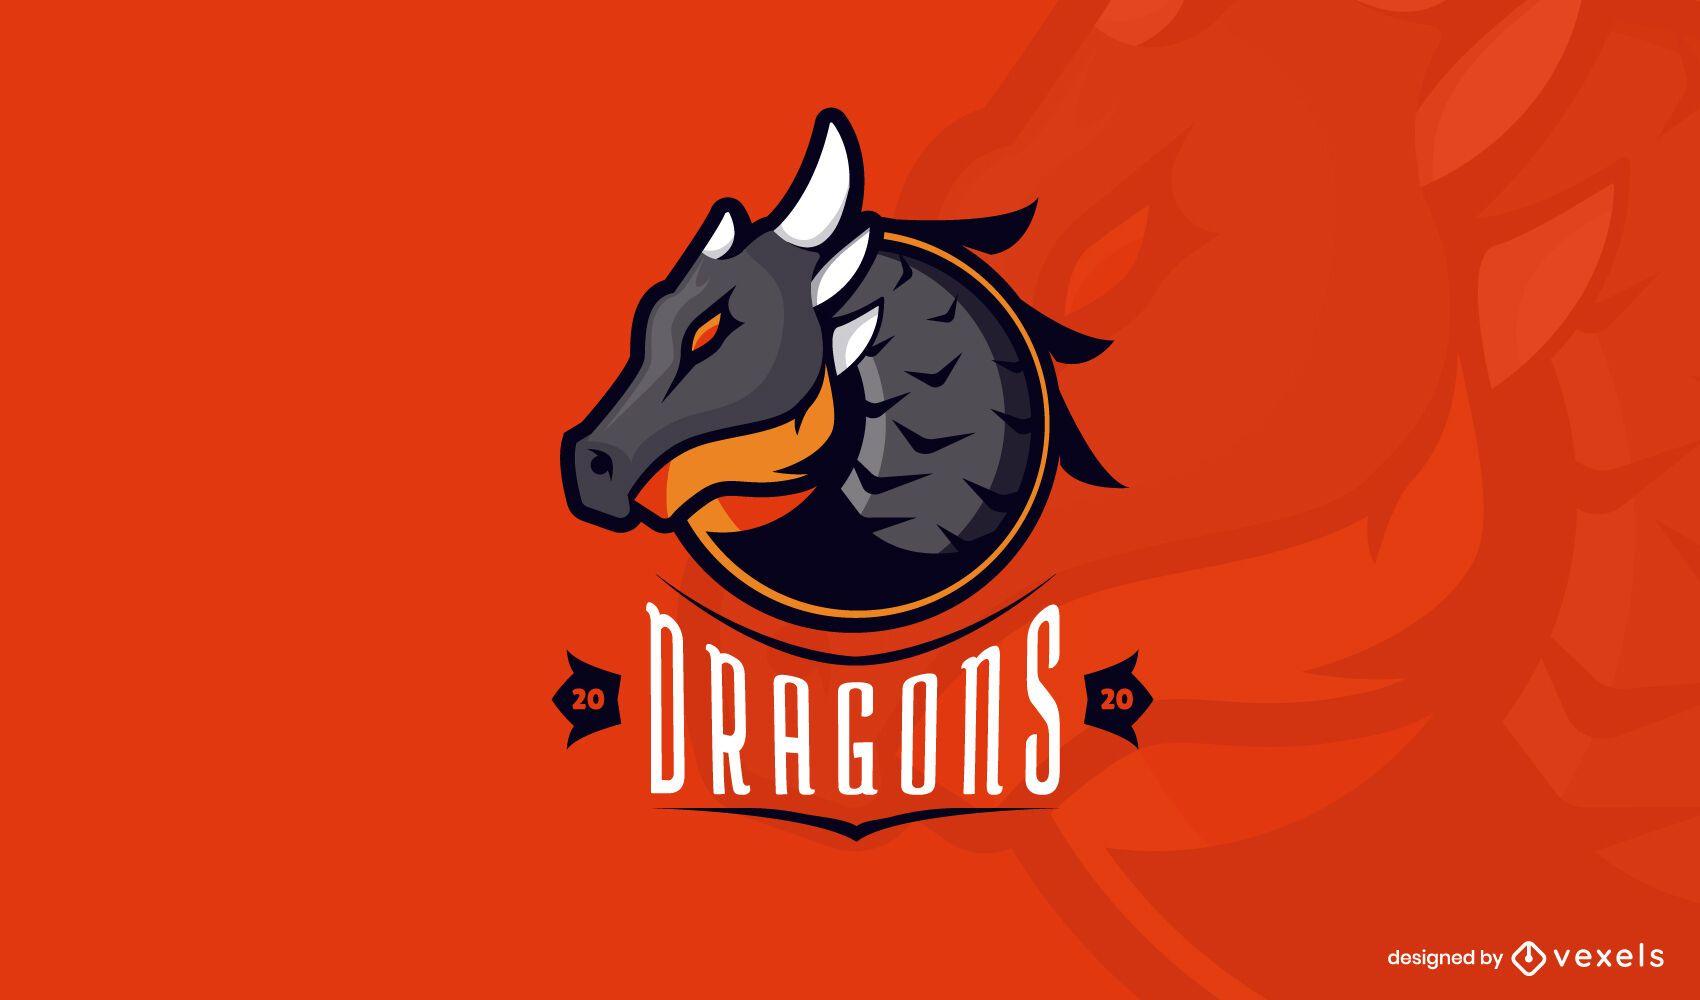 Modelo de logotipo do Dragons